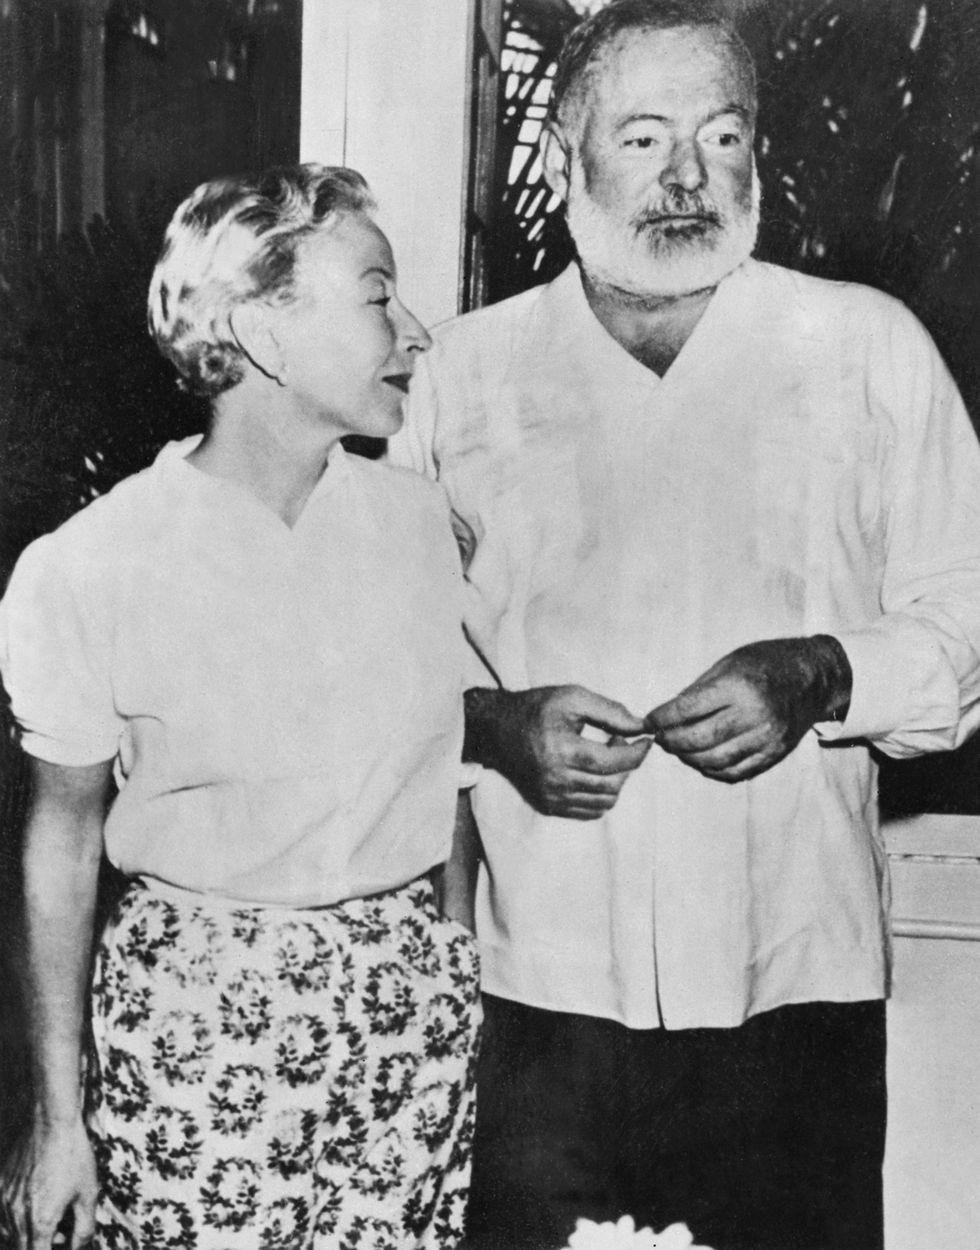 Ernest Hemingway y su esposa Mary Welsh en la La Habana, Cuba. [Foto: AFP]